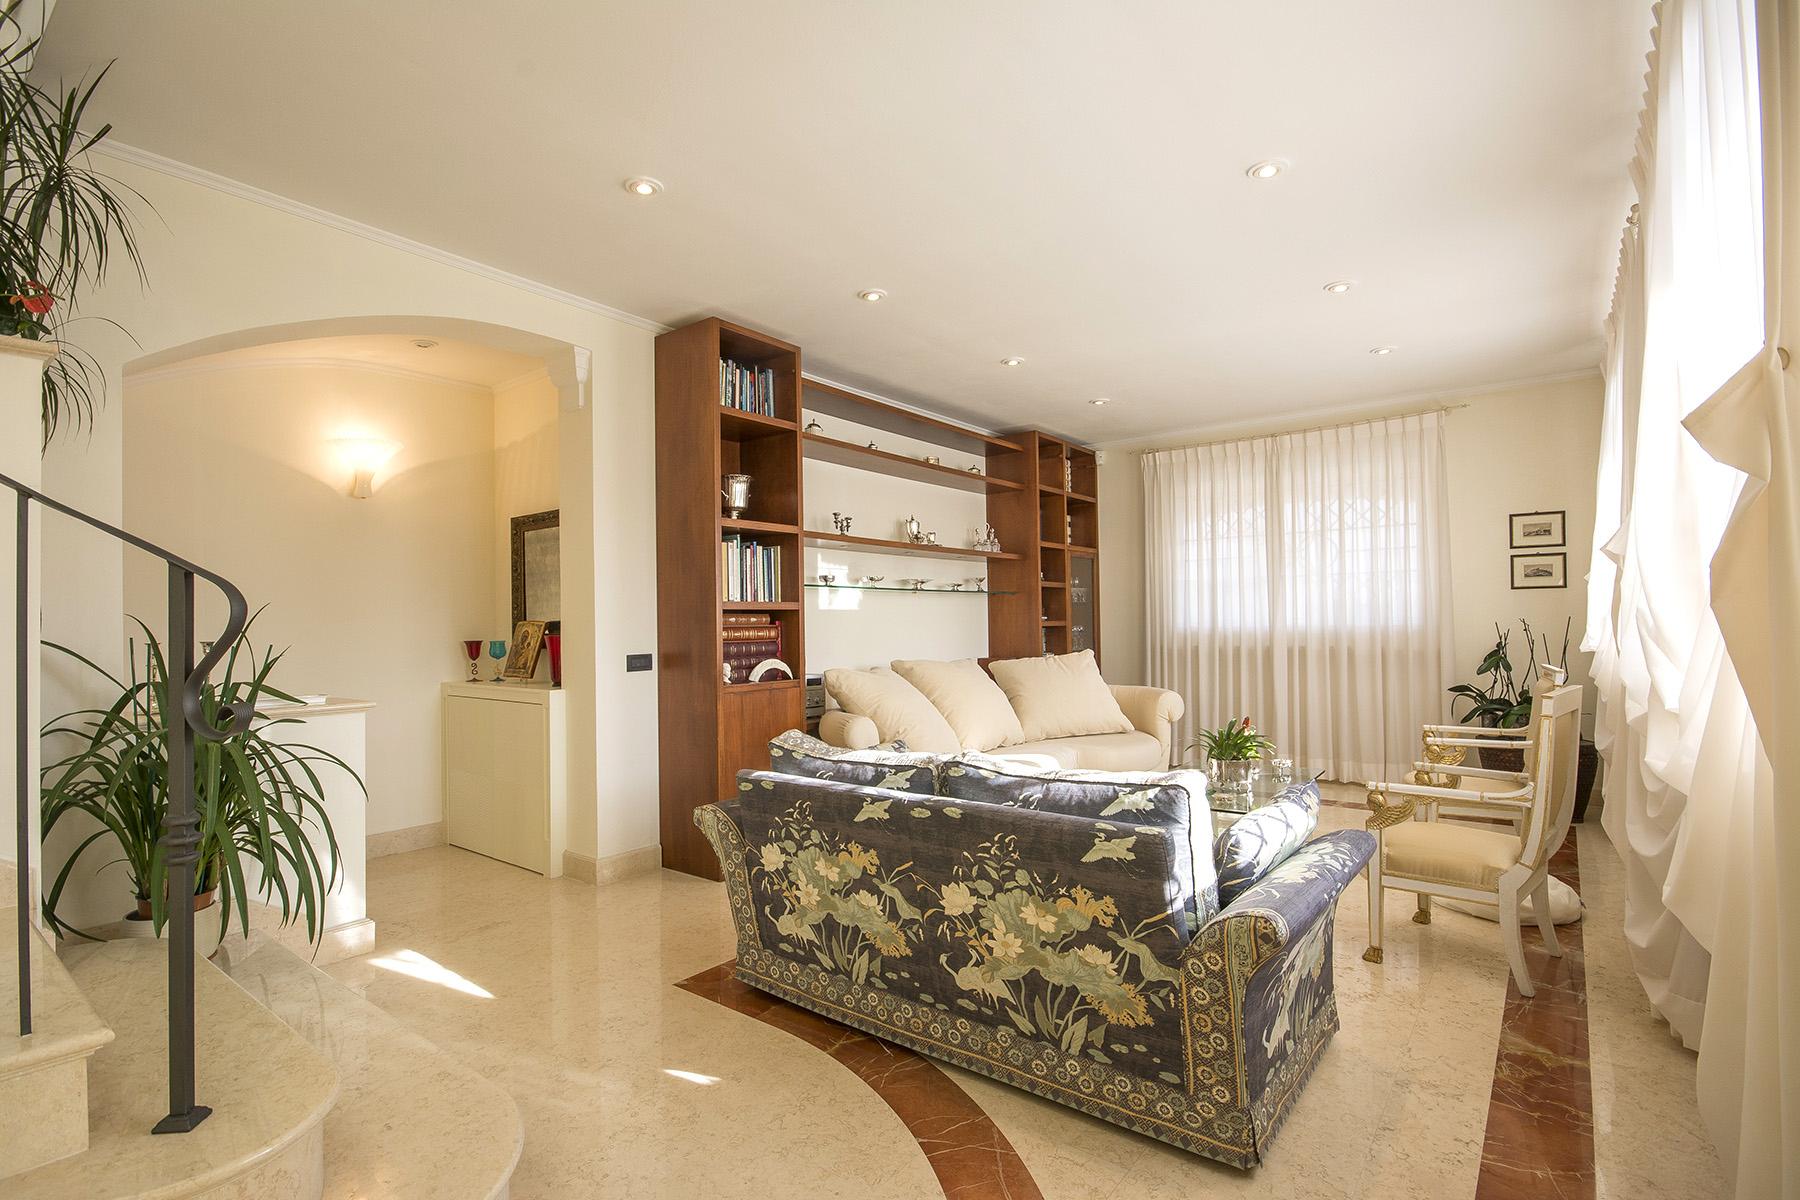 Casa indipendente in Vendita a Lucca: 5 locali, 300 mq - Foto 16